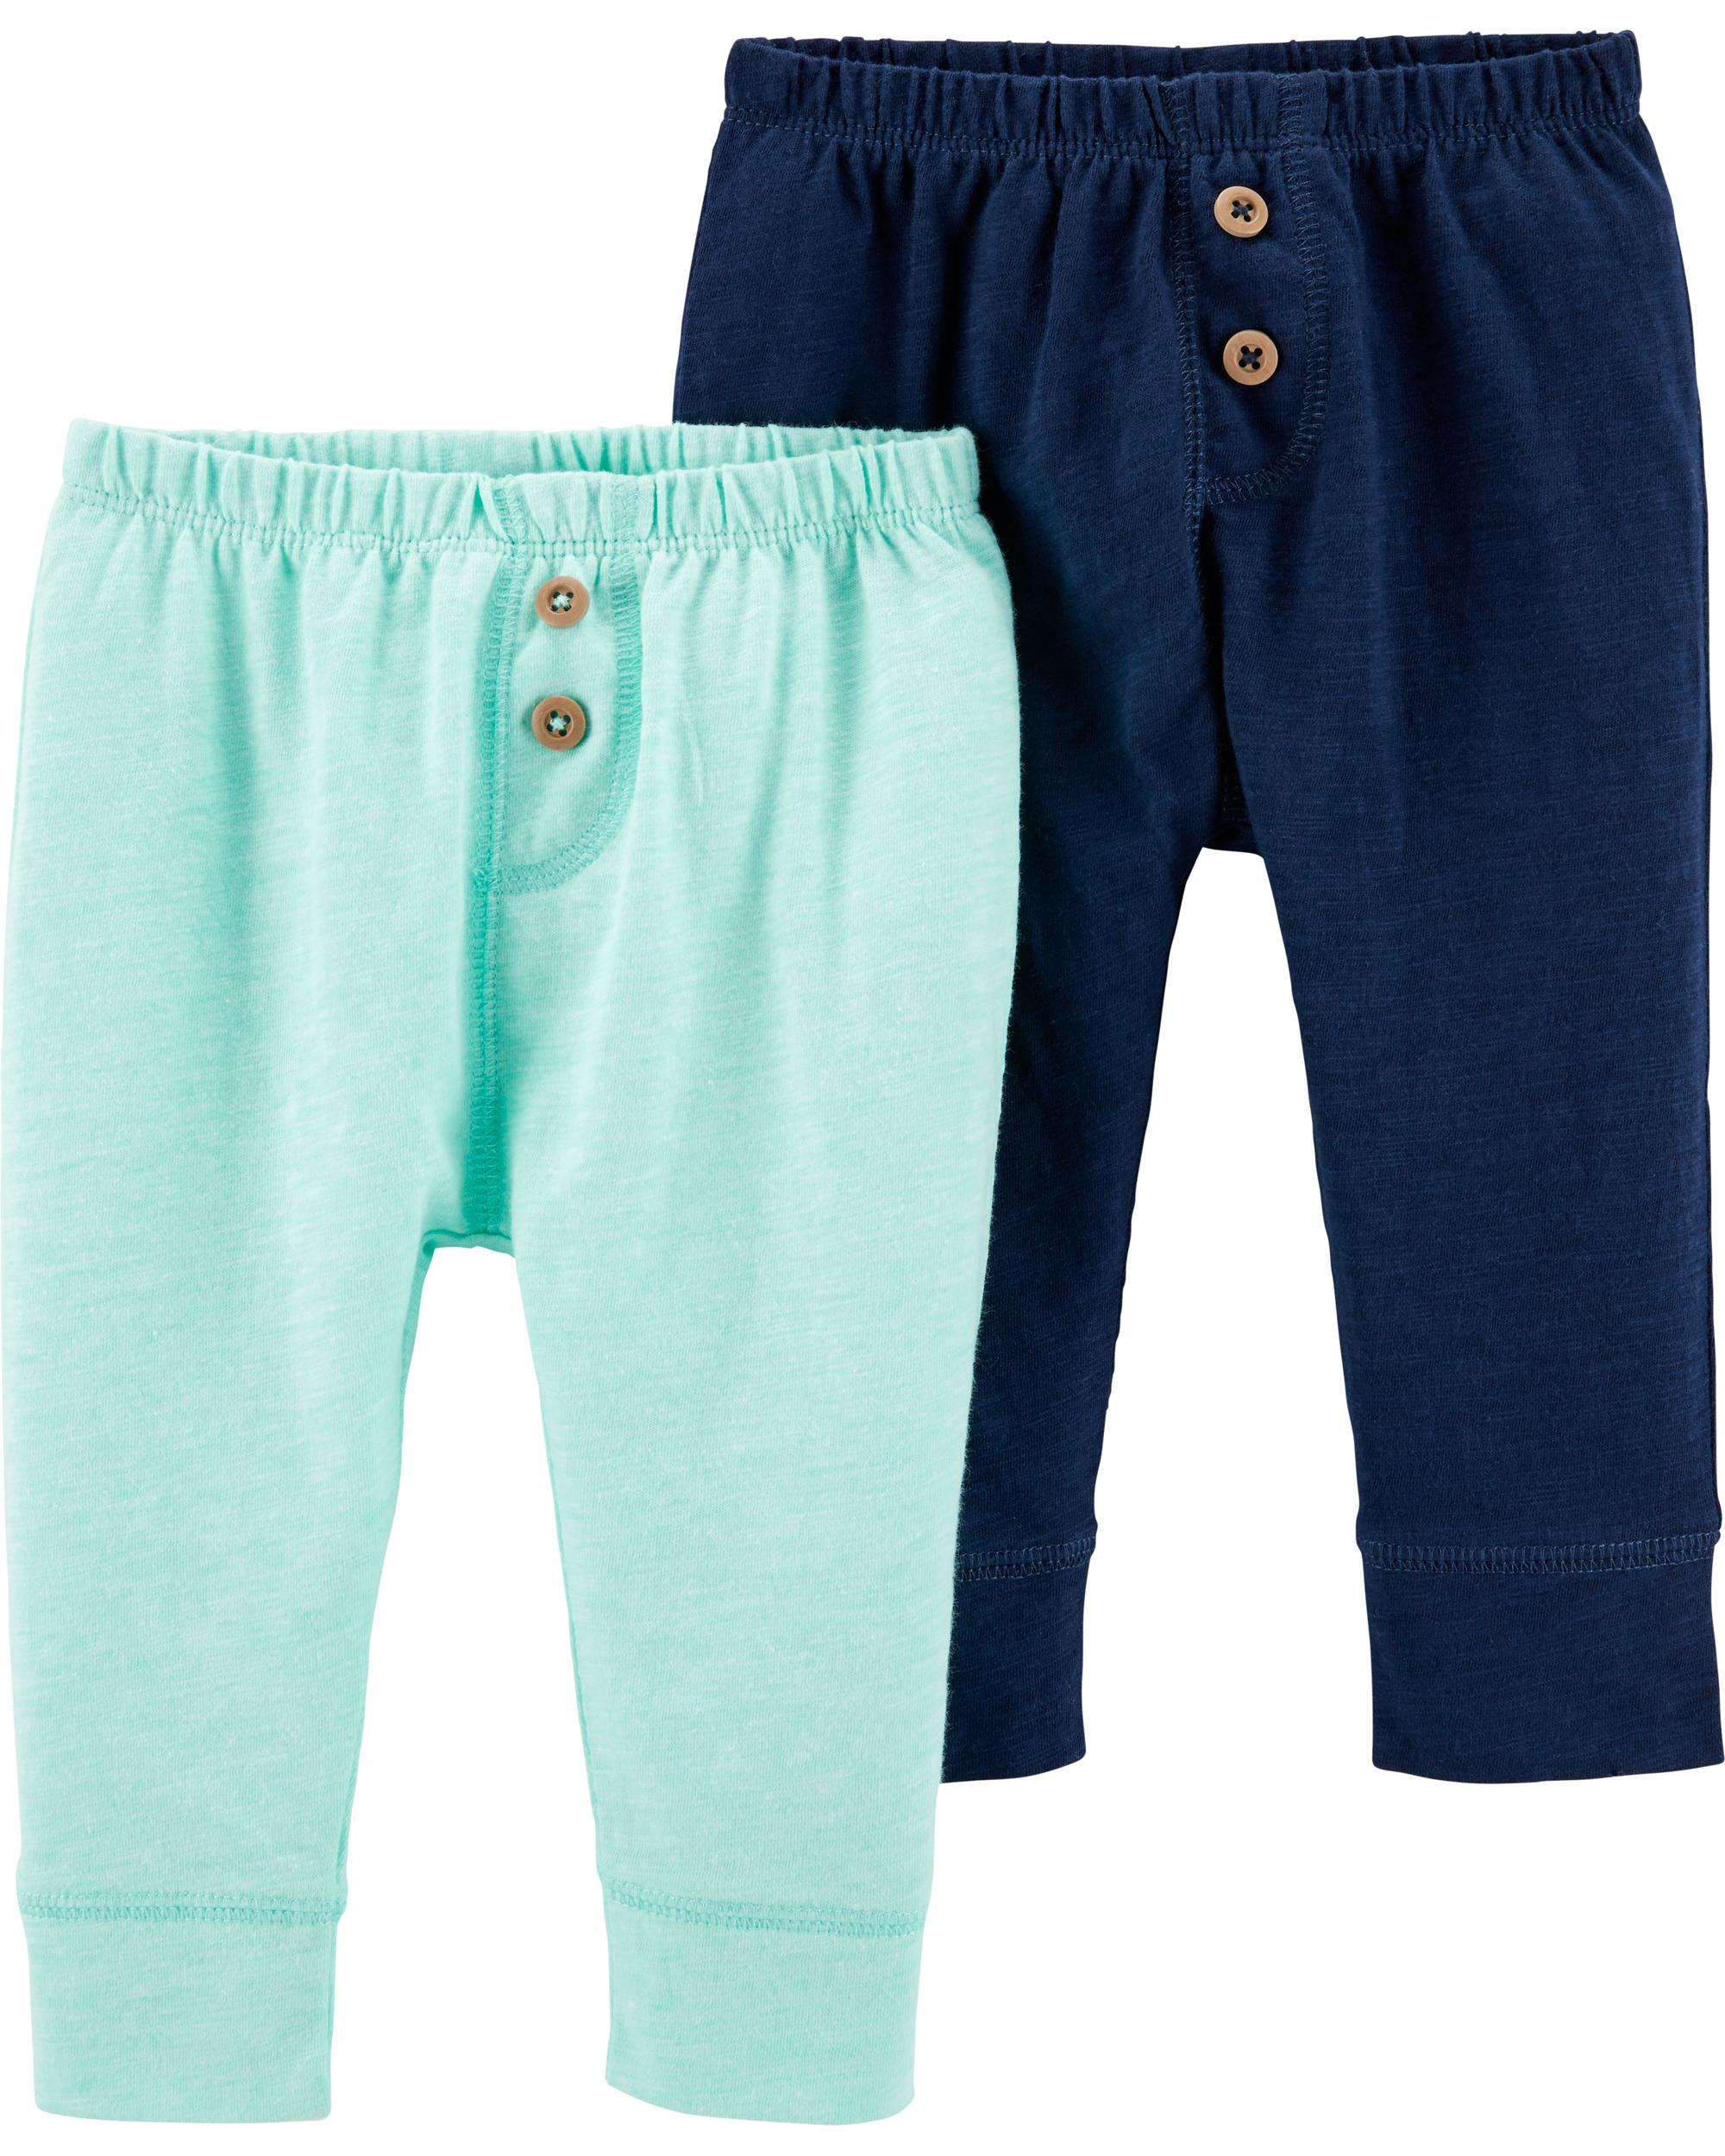 זוג מכנסיים תכלת/כחול